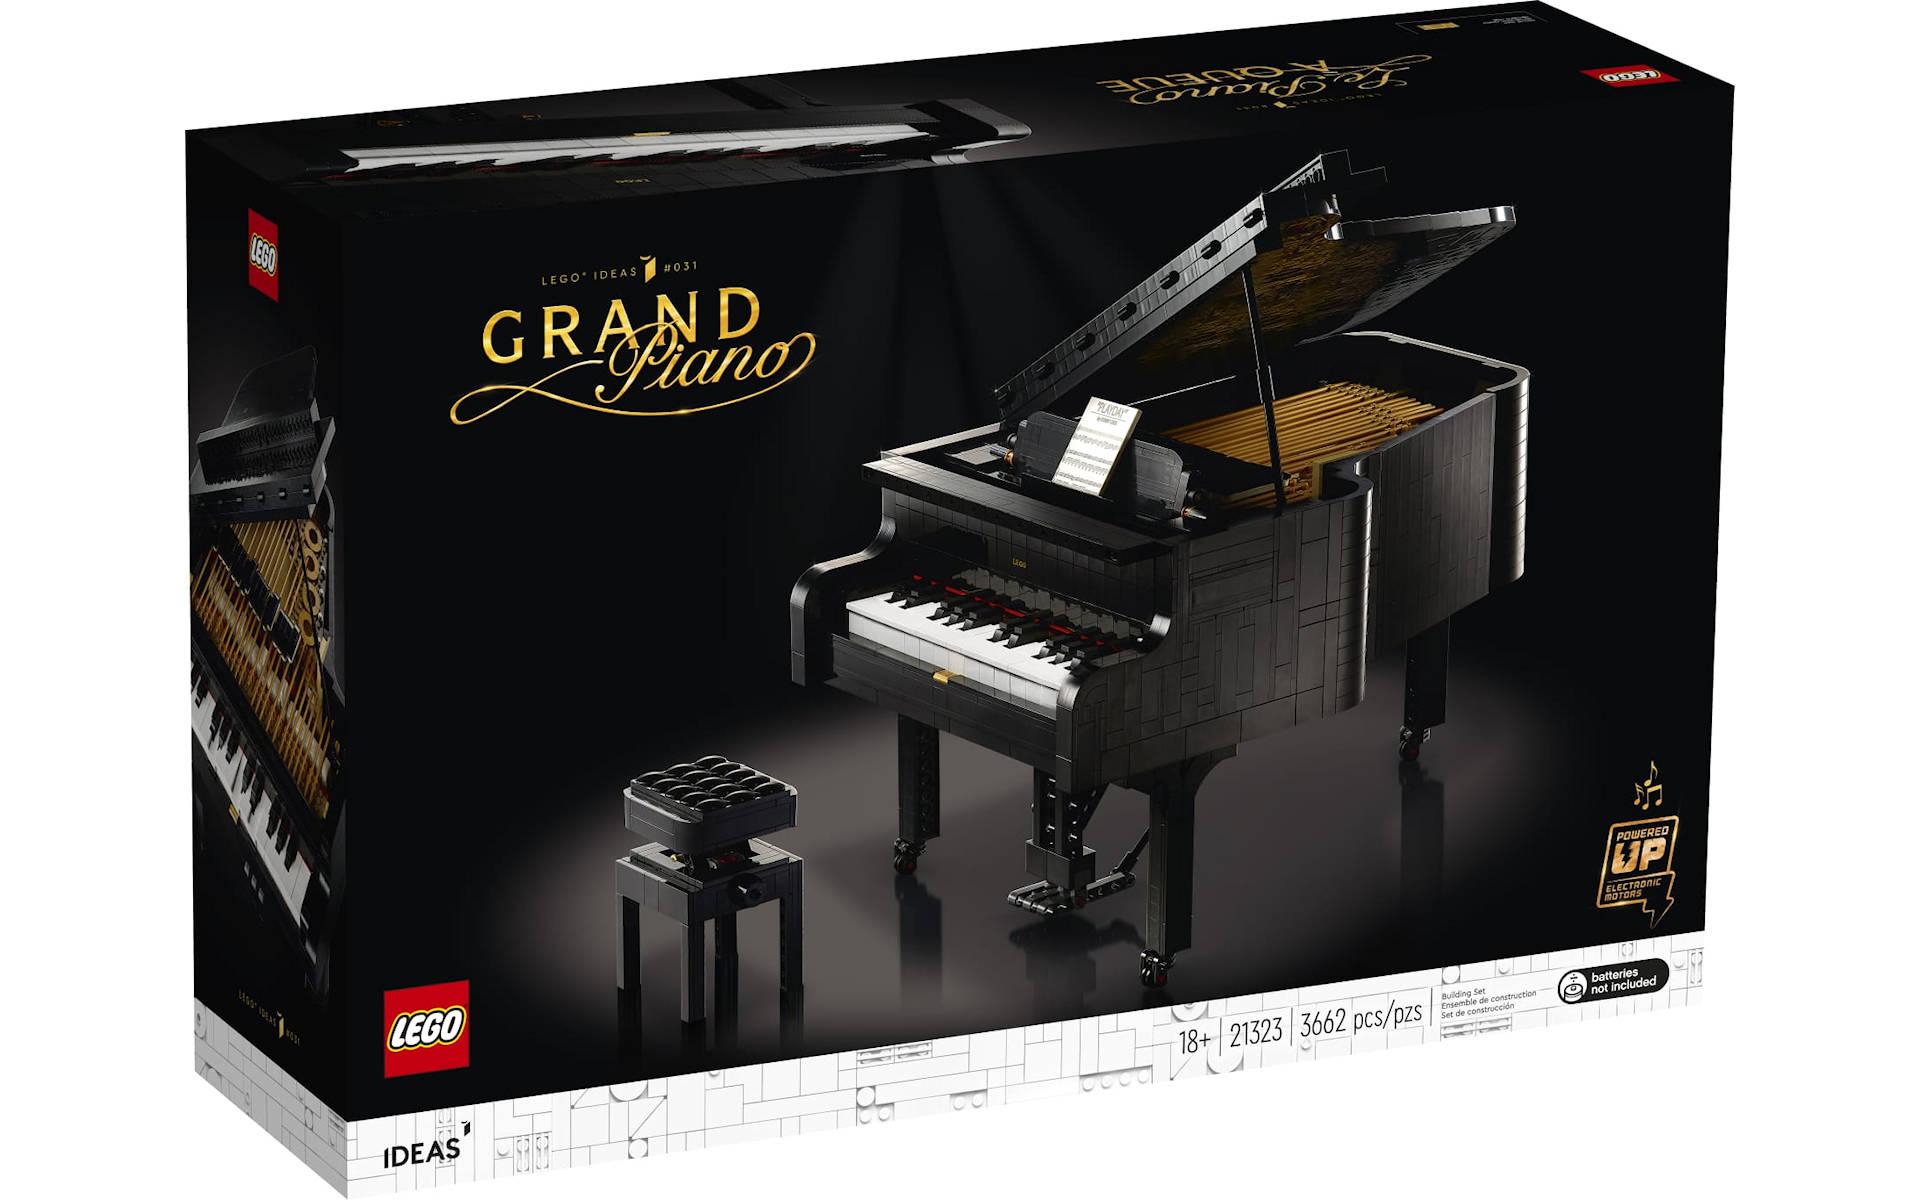 LEGOIdeas Grand Piano